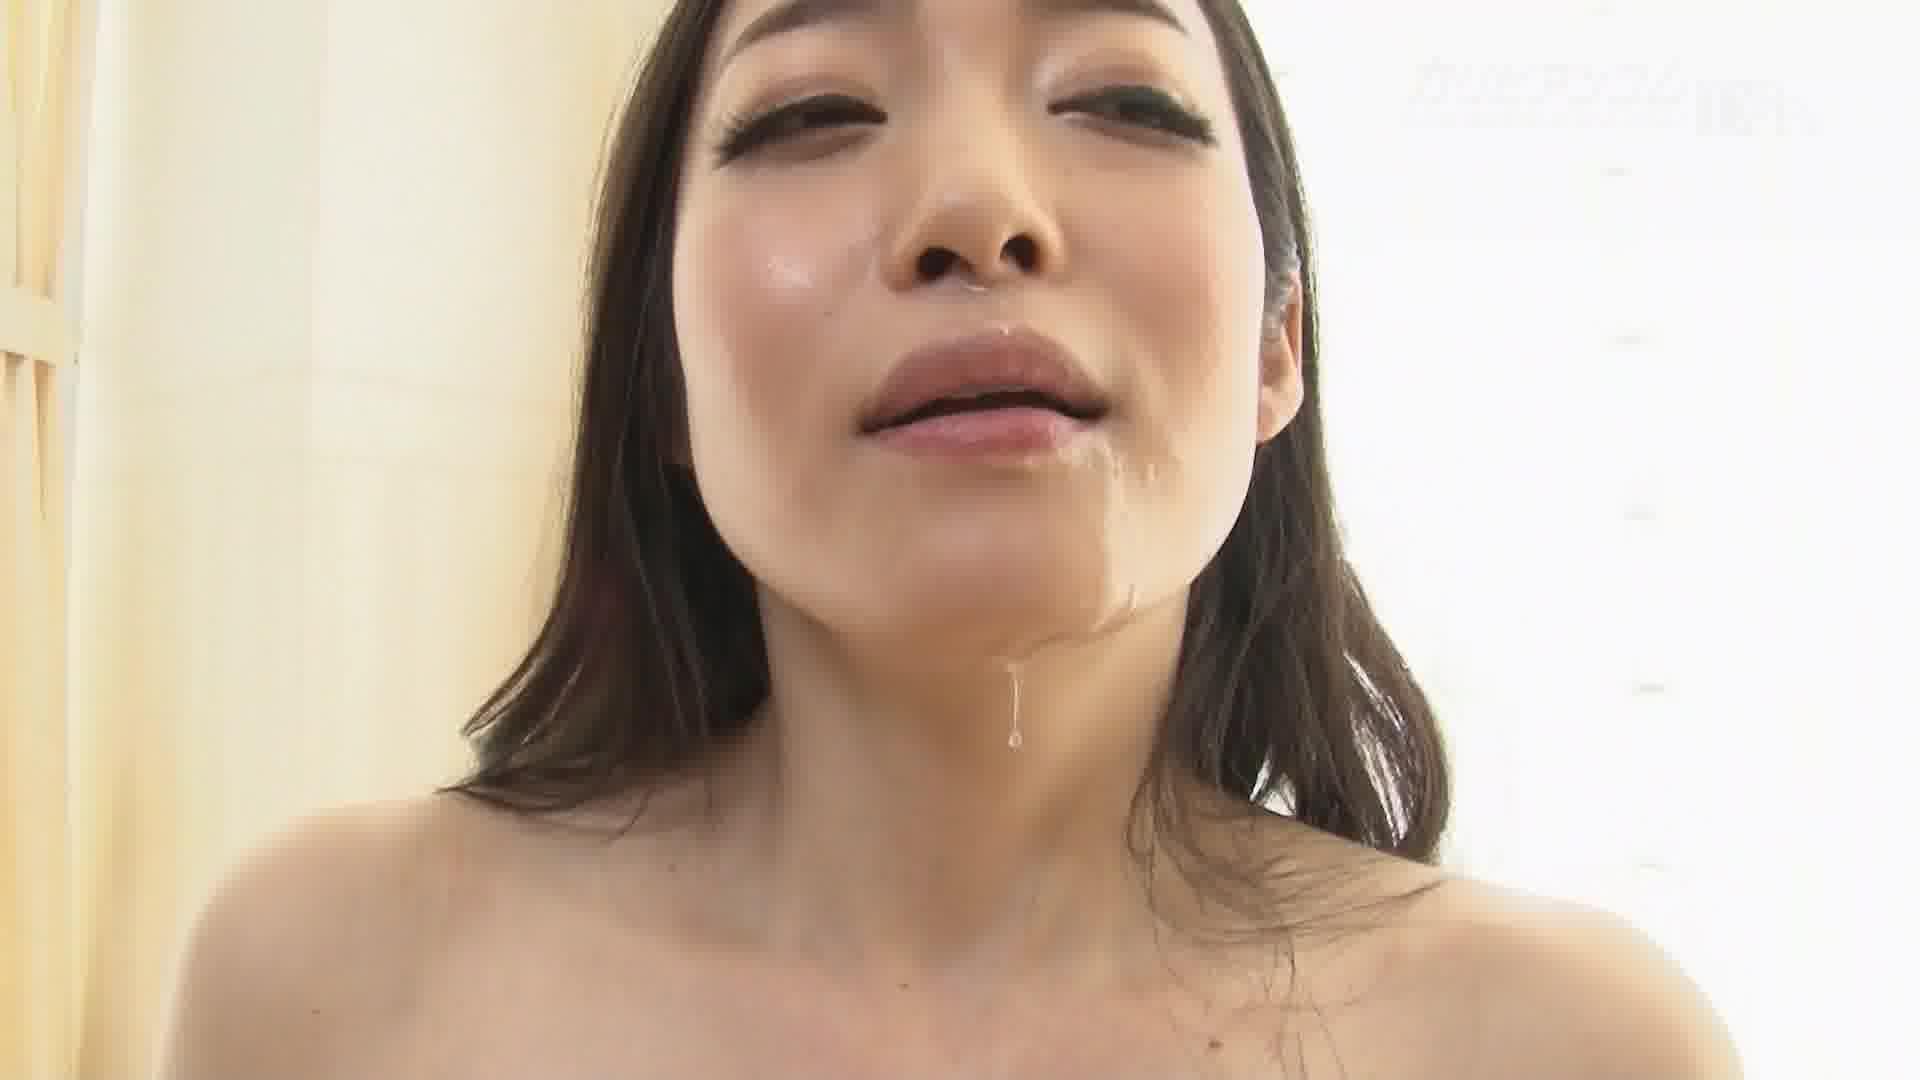 ぶっかけ熟女 8 パート 1 - 江波りゅう【巨乳・パイズリ・ぶっかけ】